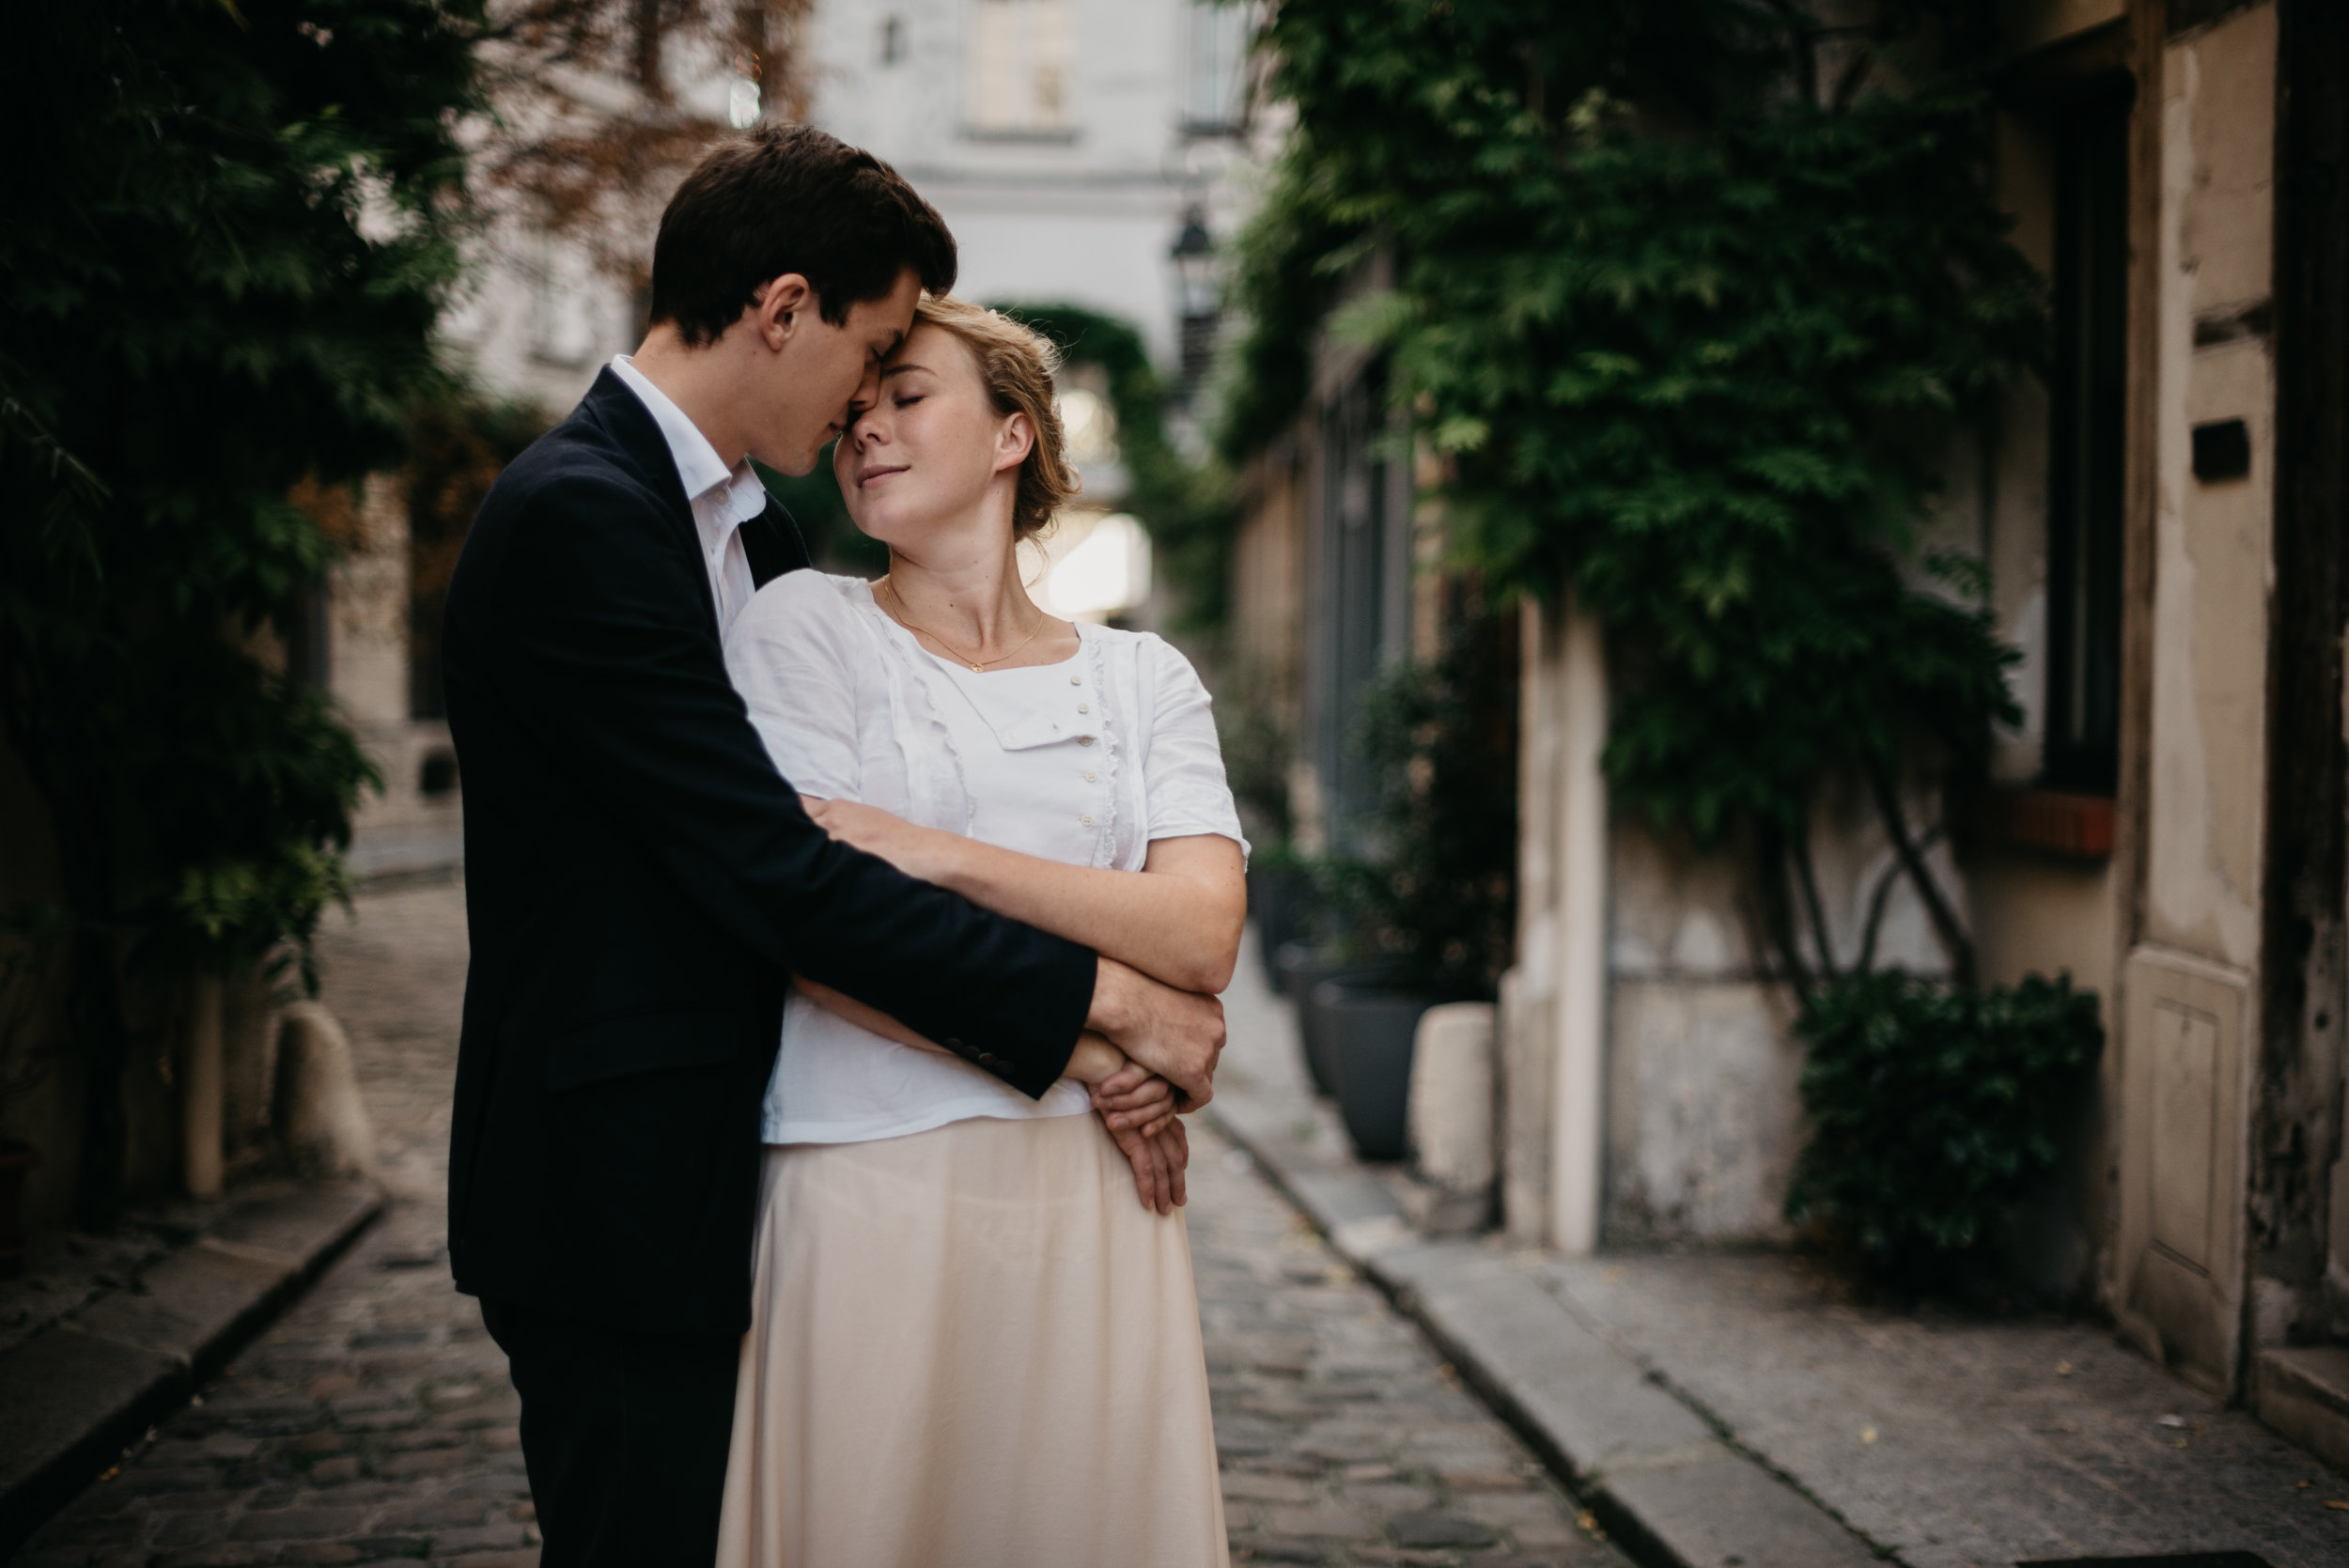 Léa-Fery-photographe-professionnel-lyon-rhone-alpes-portrait-creation-mariage-evenement-evenementiel-famille-3131.jpg